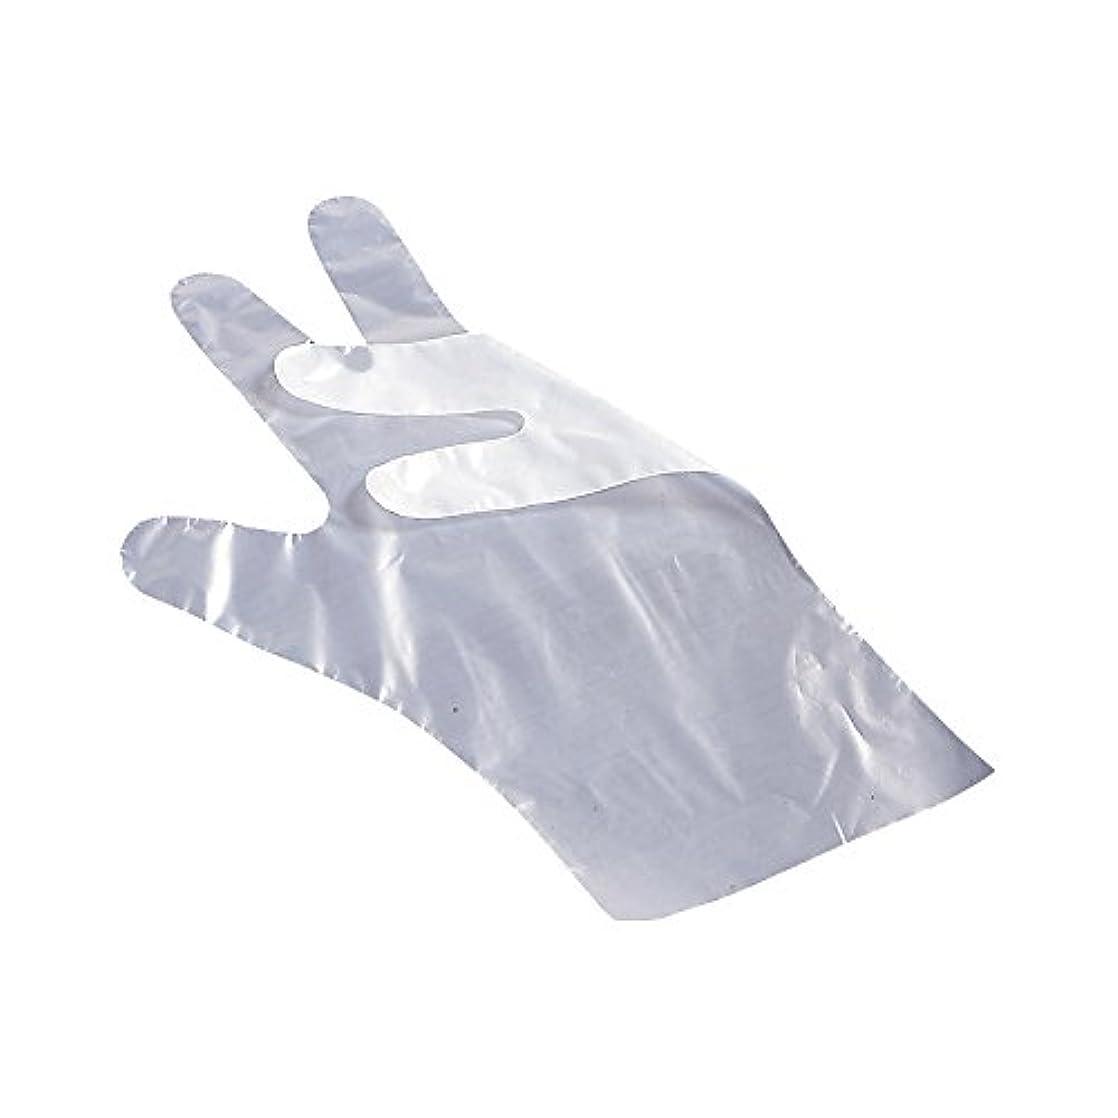 ジーンズ複合薬局サクラメンポリエチレン手袋 エコノミー強力 A 200枚入 S